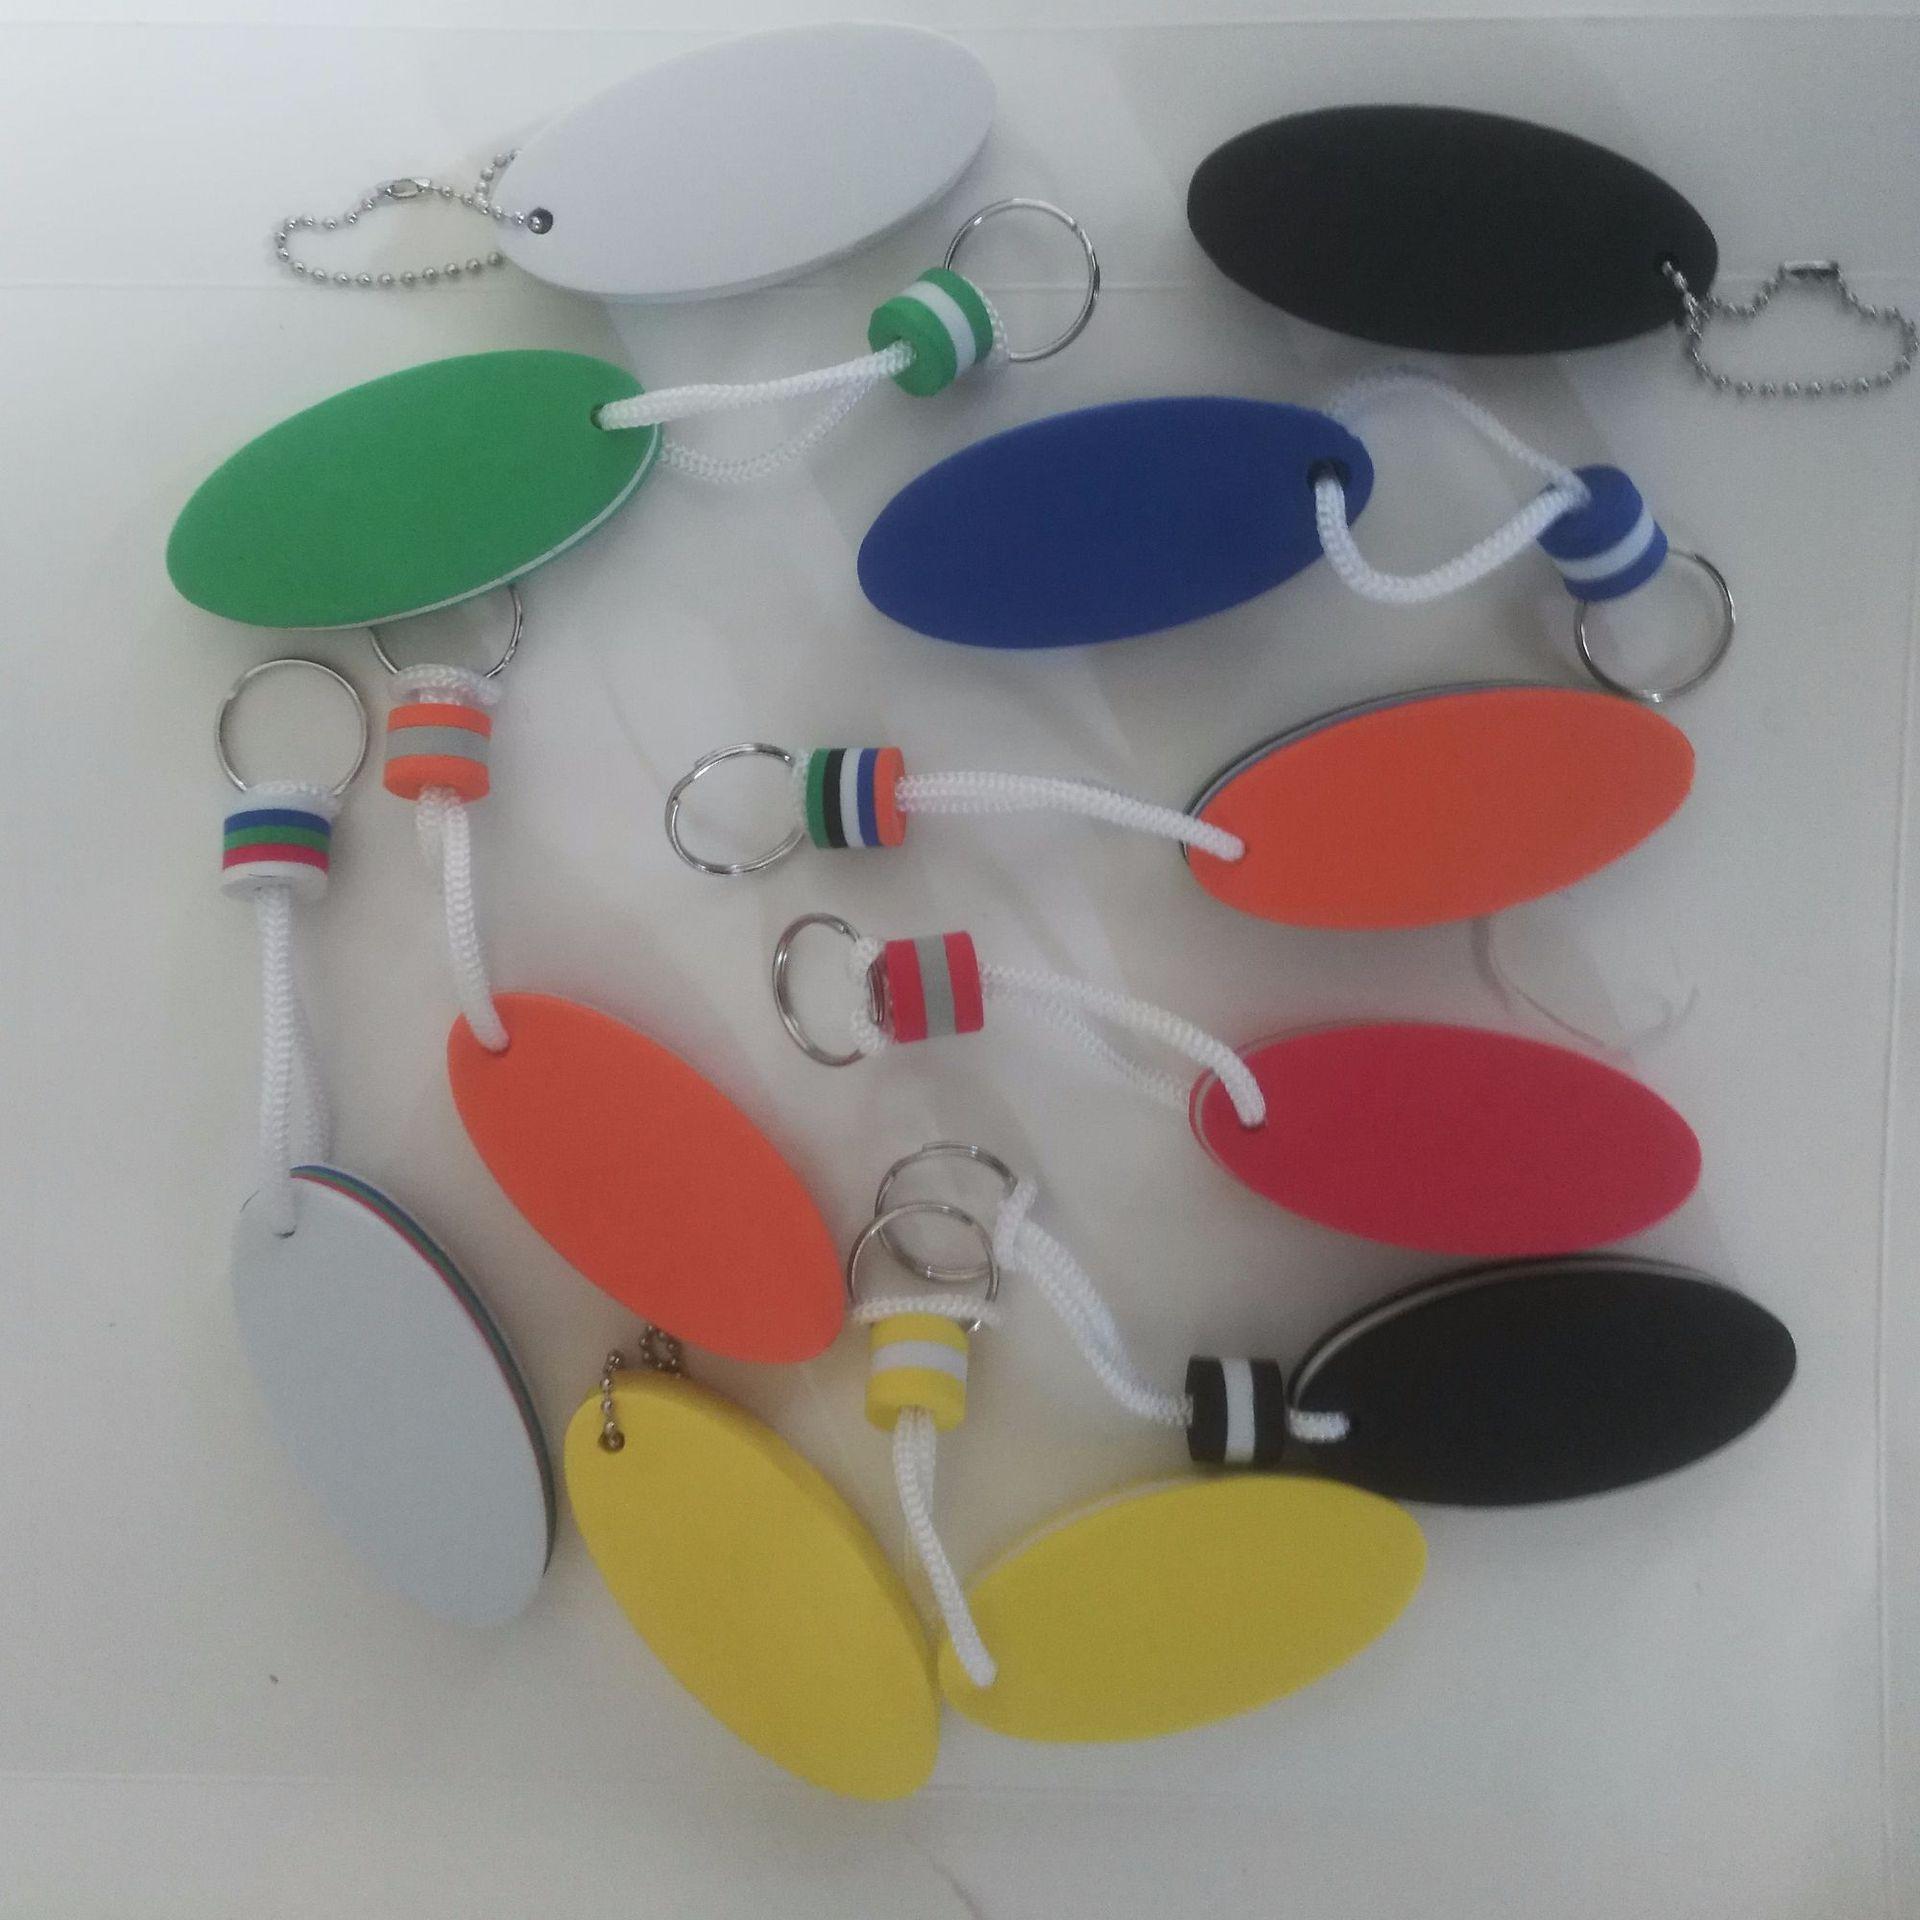 定制PVC椭圆钥匙扣 EVA钥匙扣挂件 漂浮水泡沫海绵扣l广告礼品厂